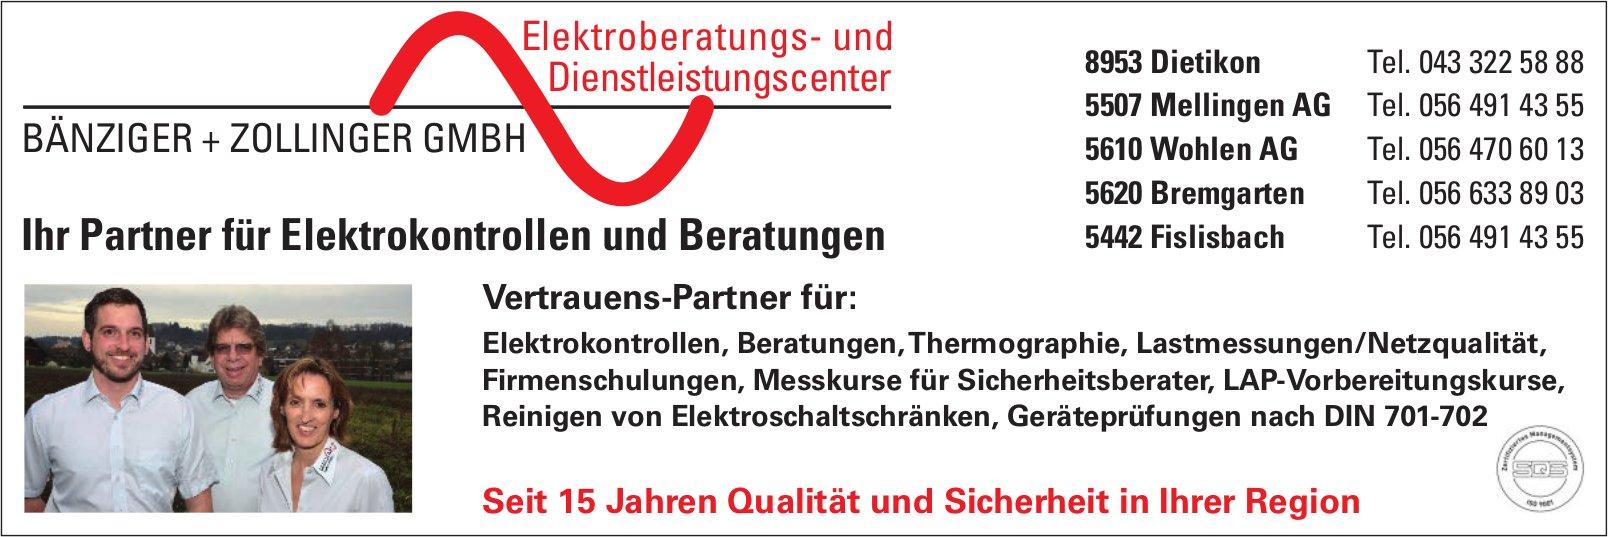 BÄNZIGER + ZOLLINGER GMBH - Ihr Partner für Elektrokontrollen und Beratungen